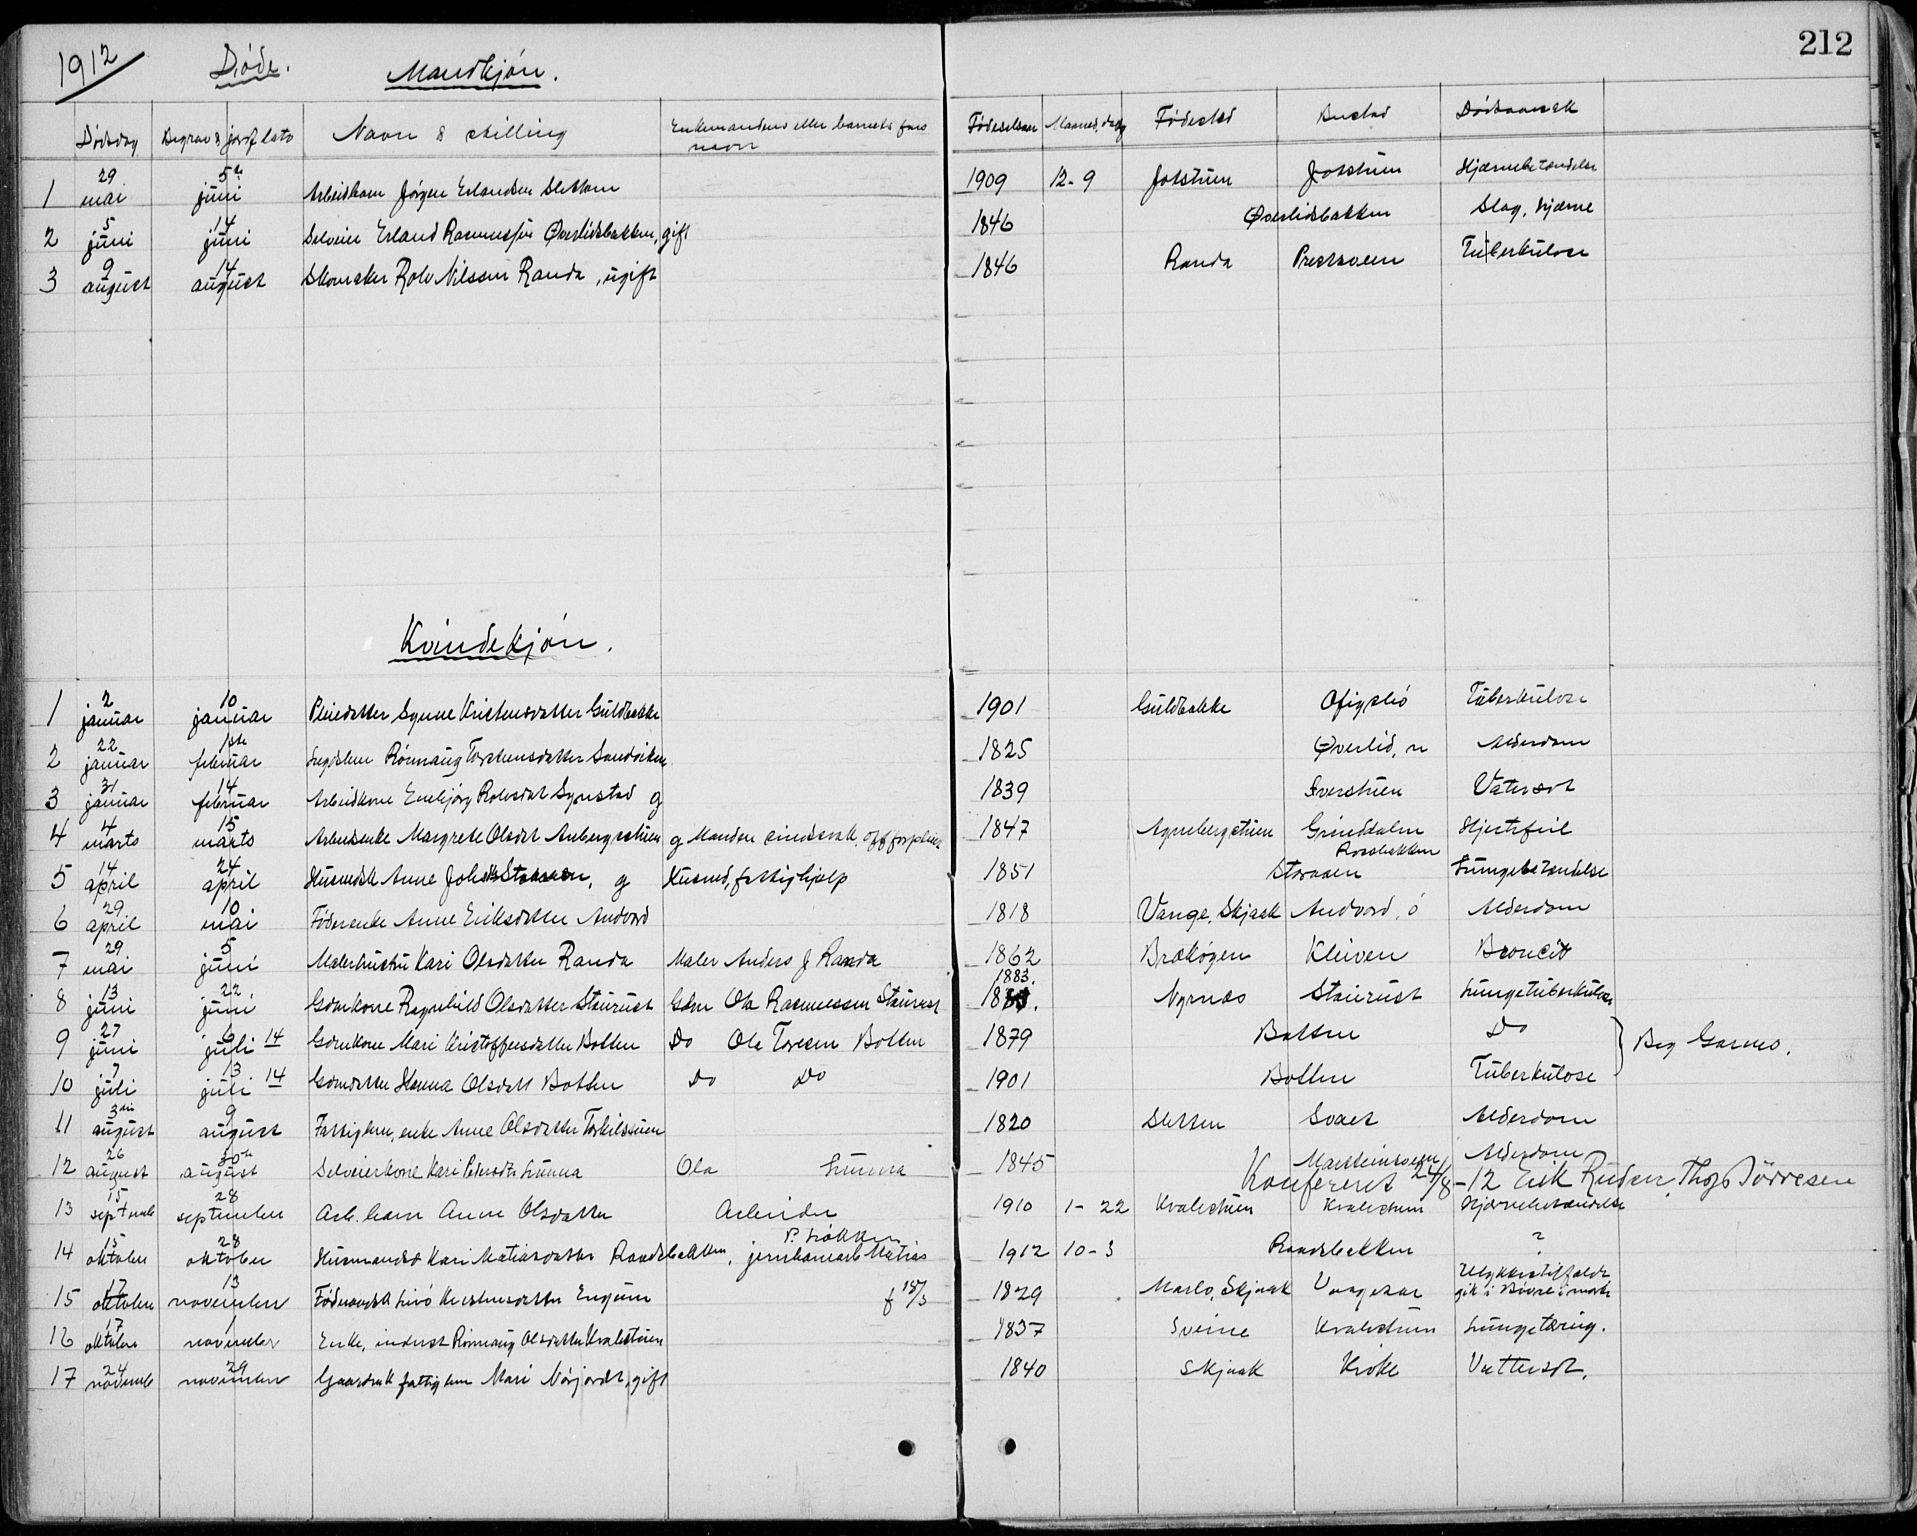 SAH, Lom prestekontor, L/L0013: Klokkerbok nr. 13, 1874-1938, s. 212